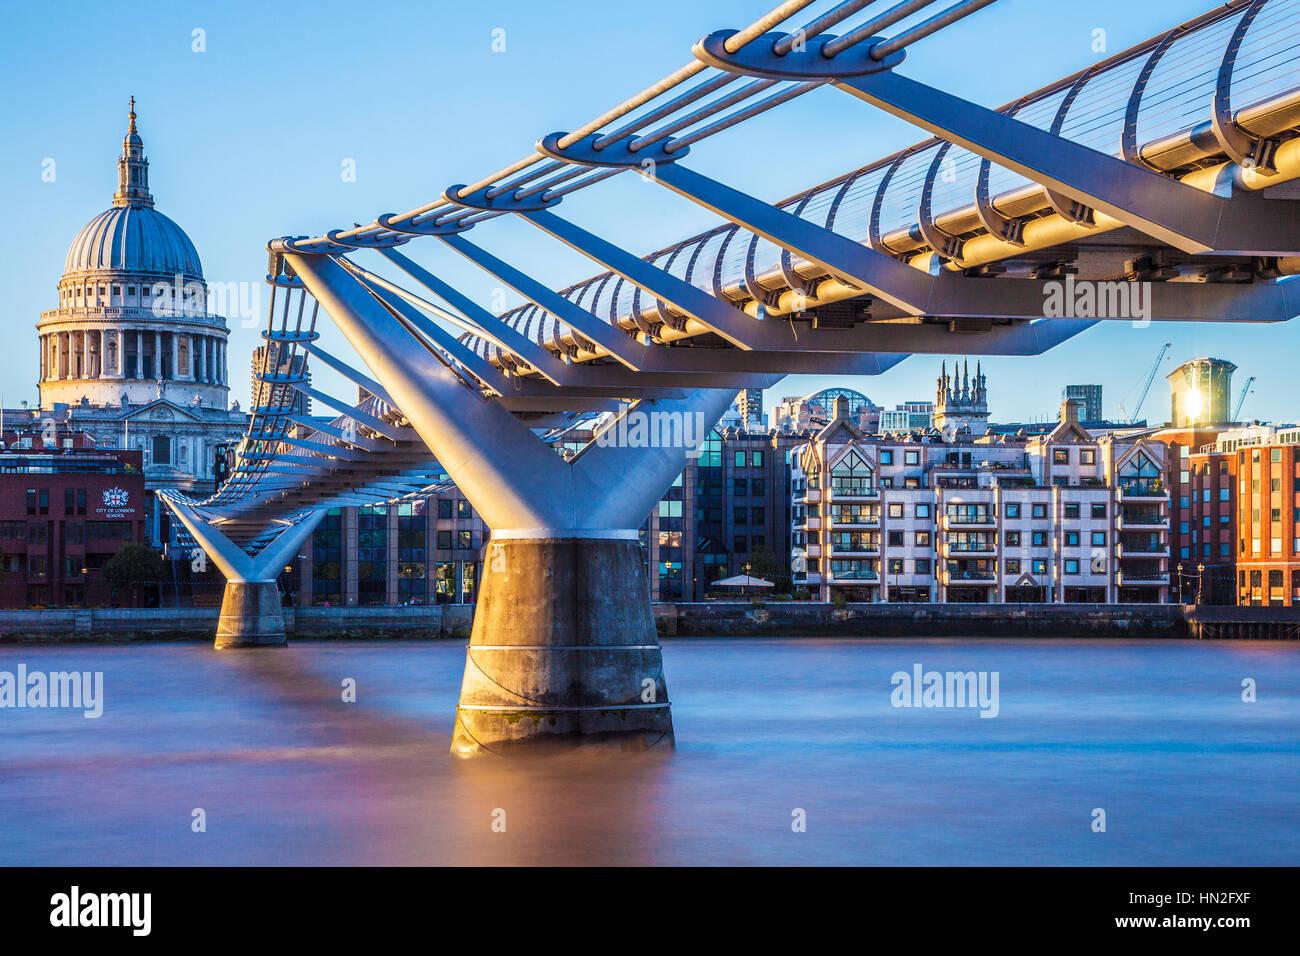 Luz del atardecer cae sobre el Puente del Milenio y la Catedral de San Pablo en Londres. Imagen De Stock